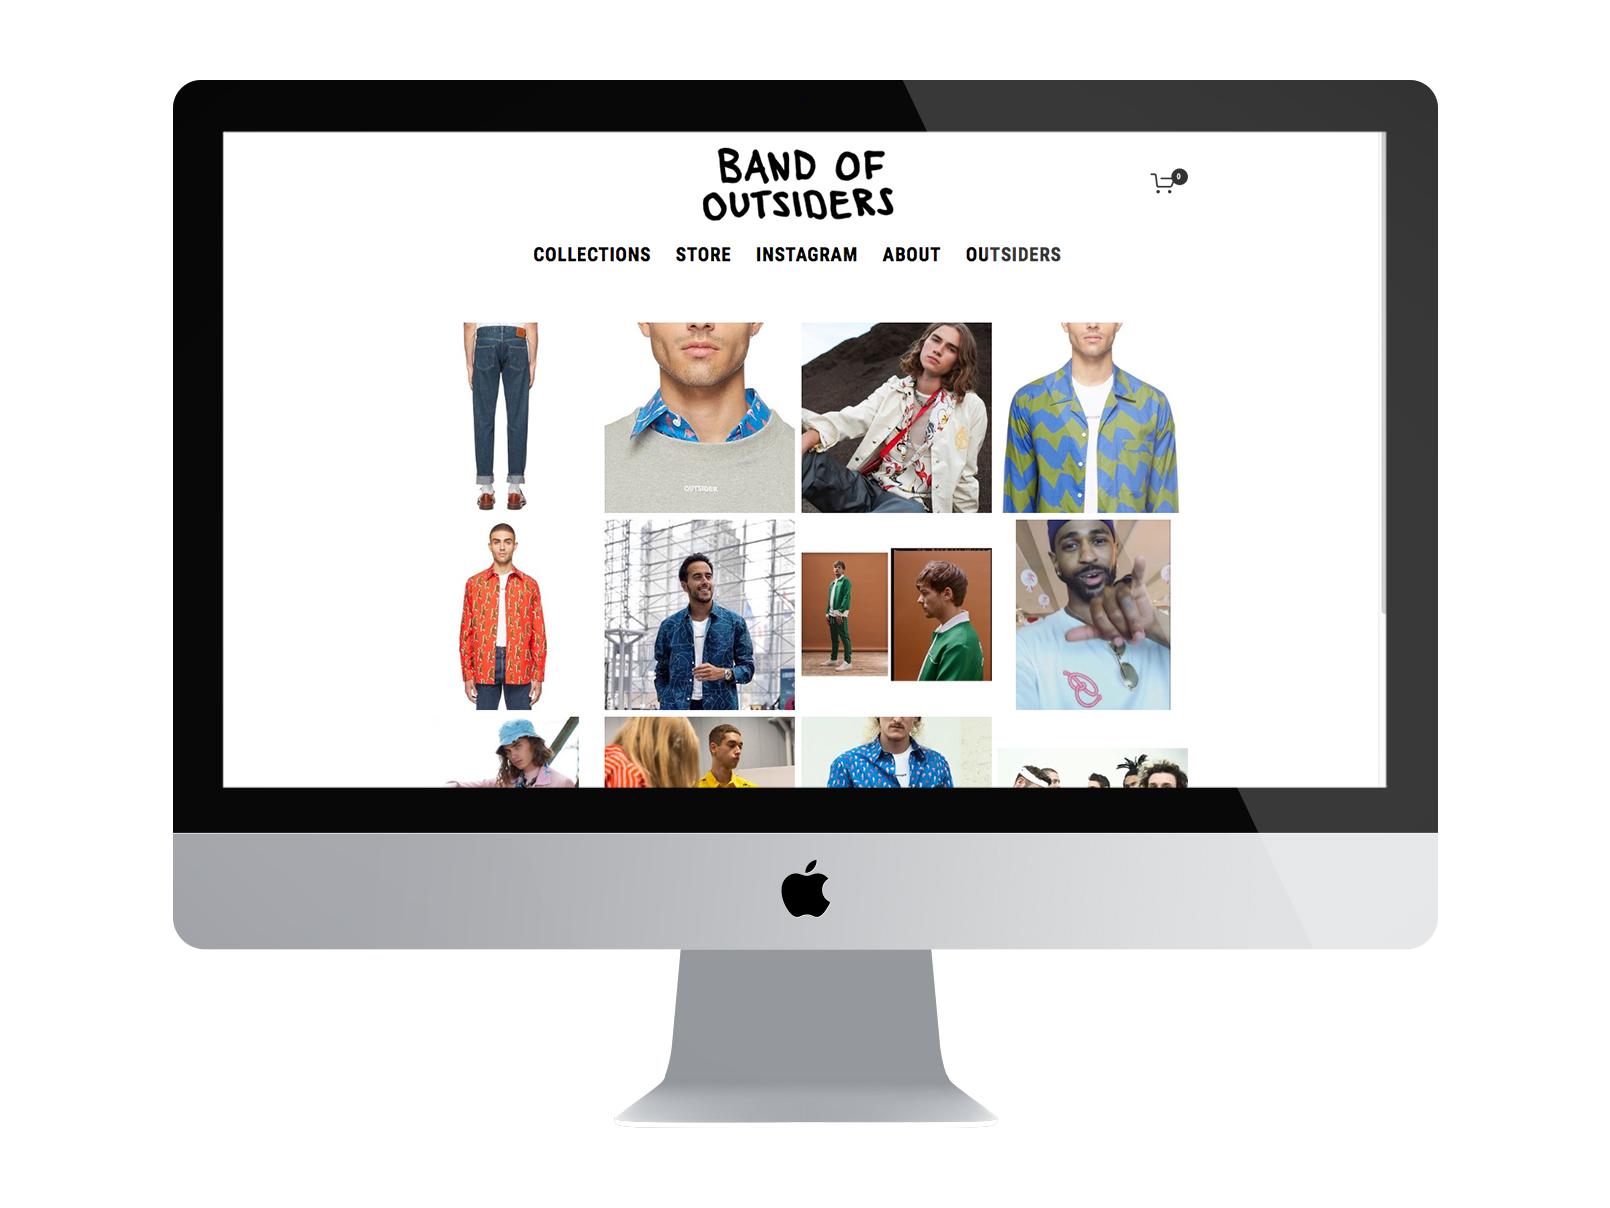 website-band-of-outsiders-sander-gee-5.jpg